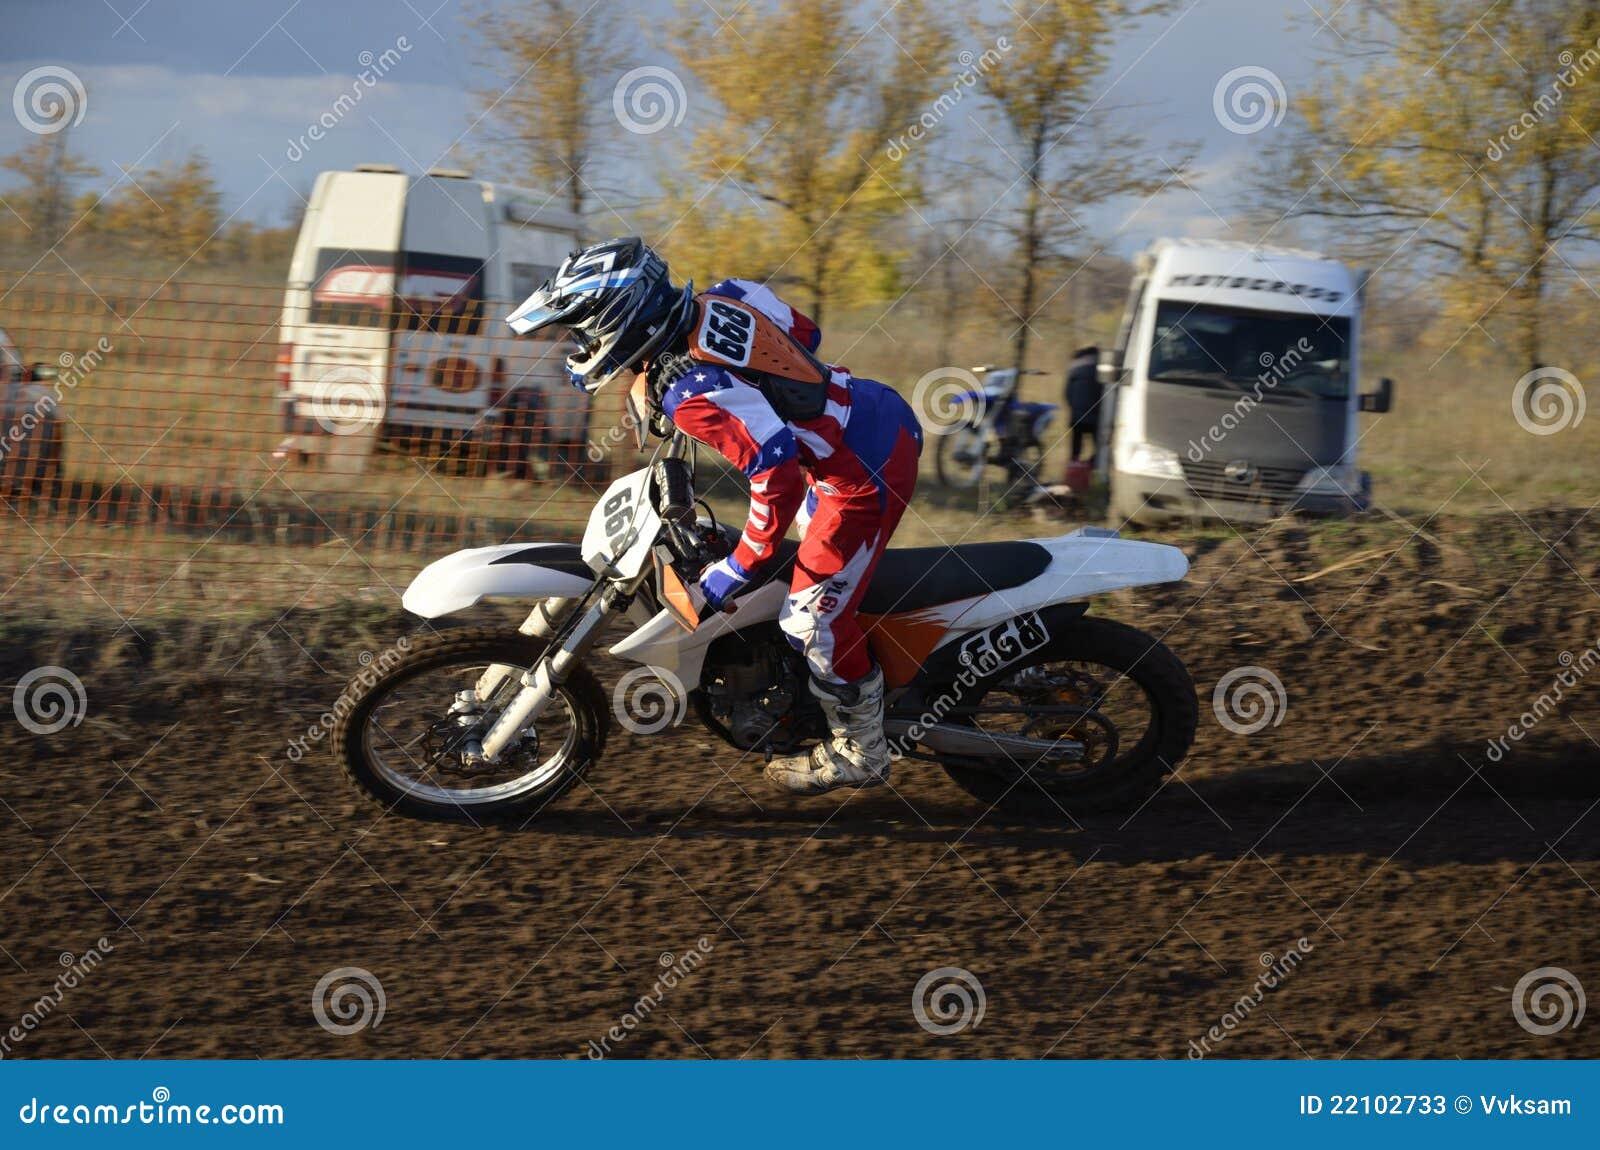 Jinete del motocrós que monta una situación de la vuelta